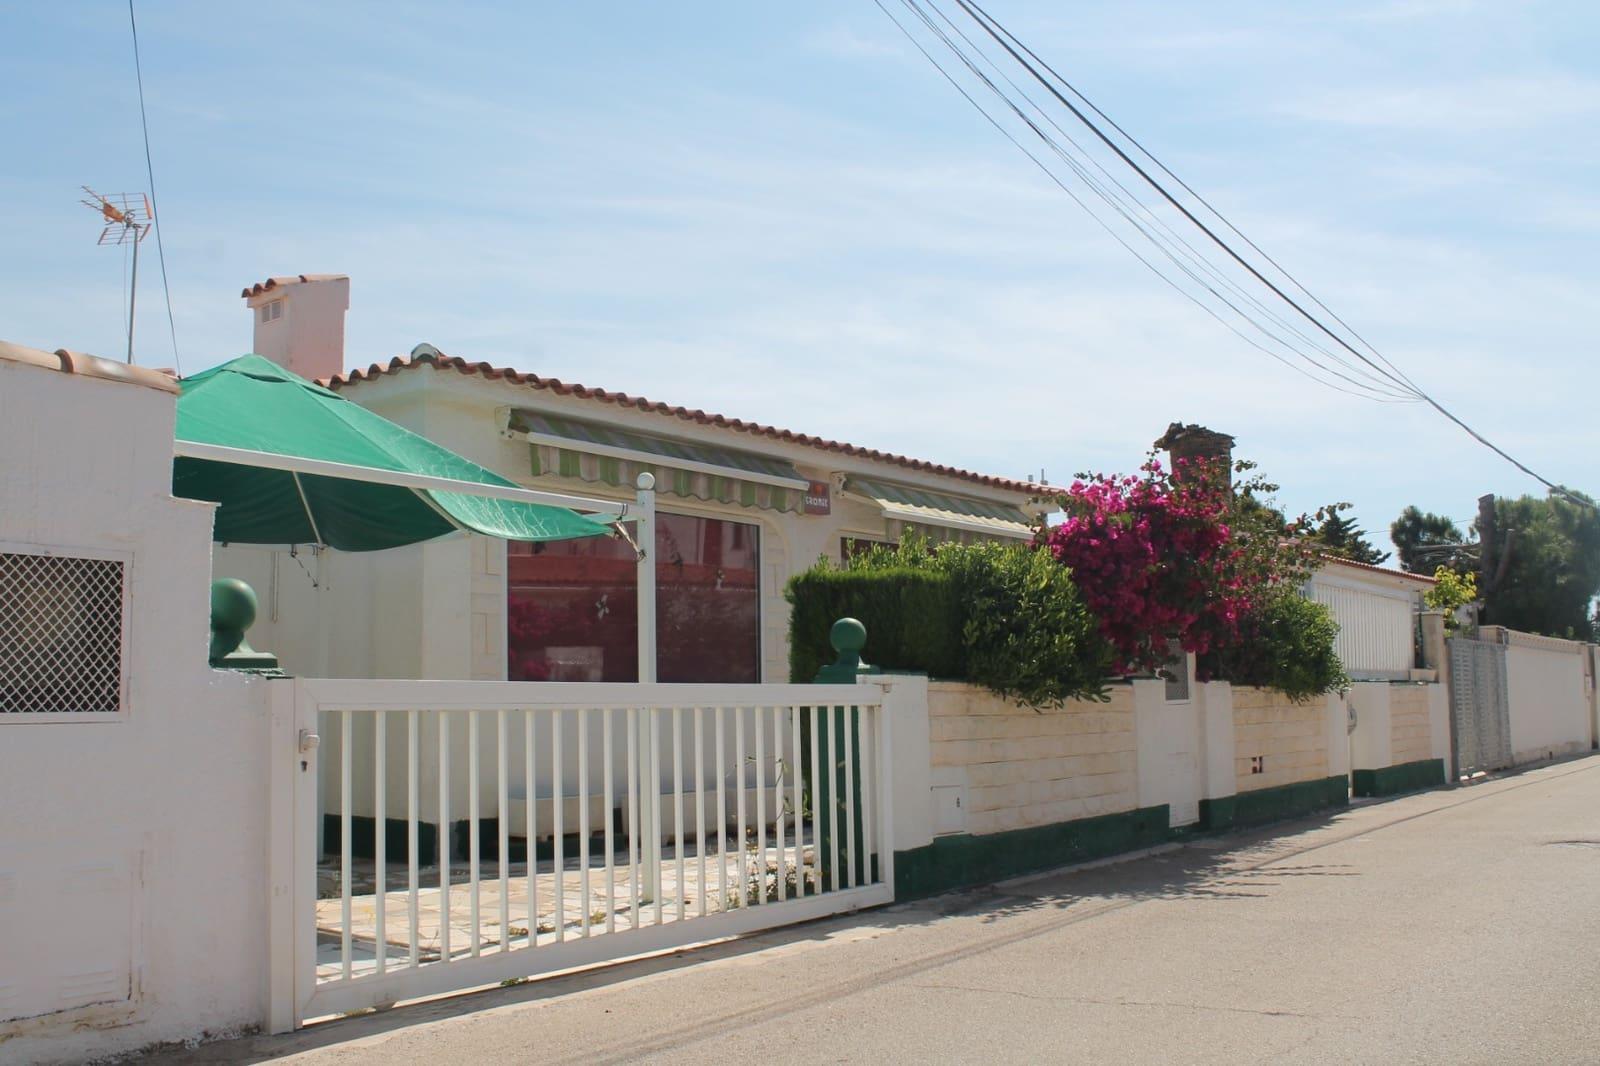 2 chambre Bungalow à vendre à Vinaros avec garage - 190 000 € (Ref: 5305270)